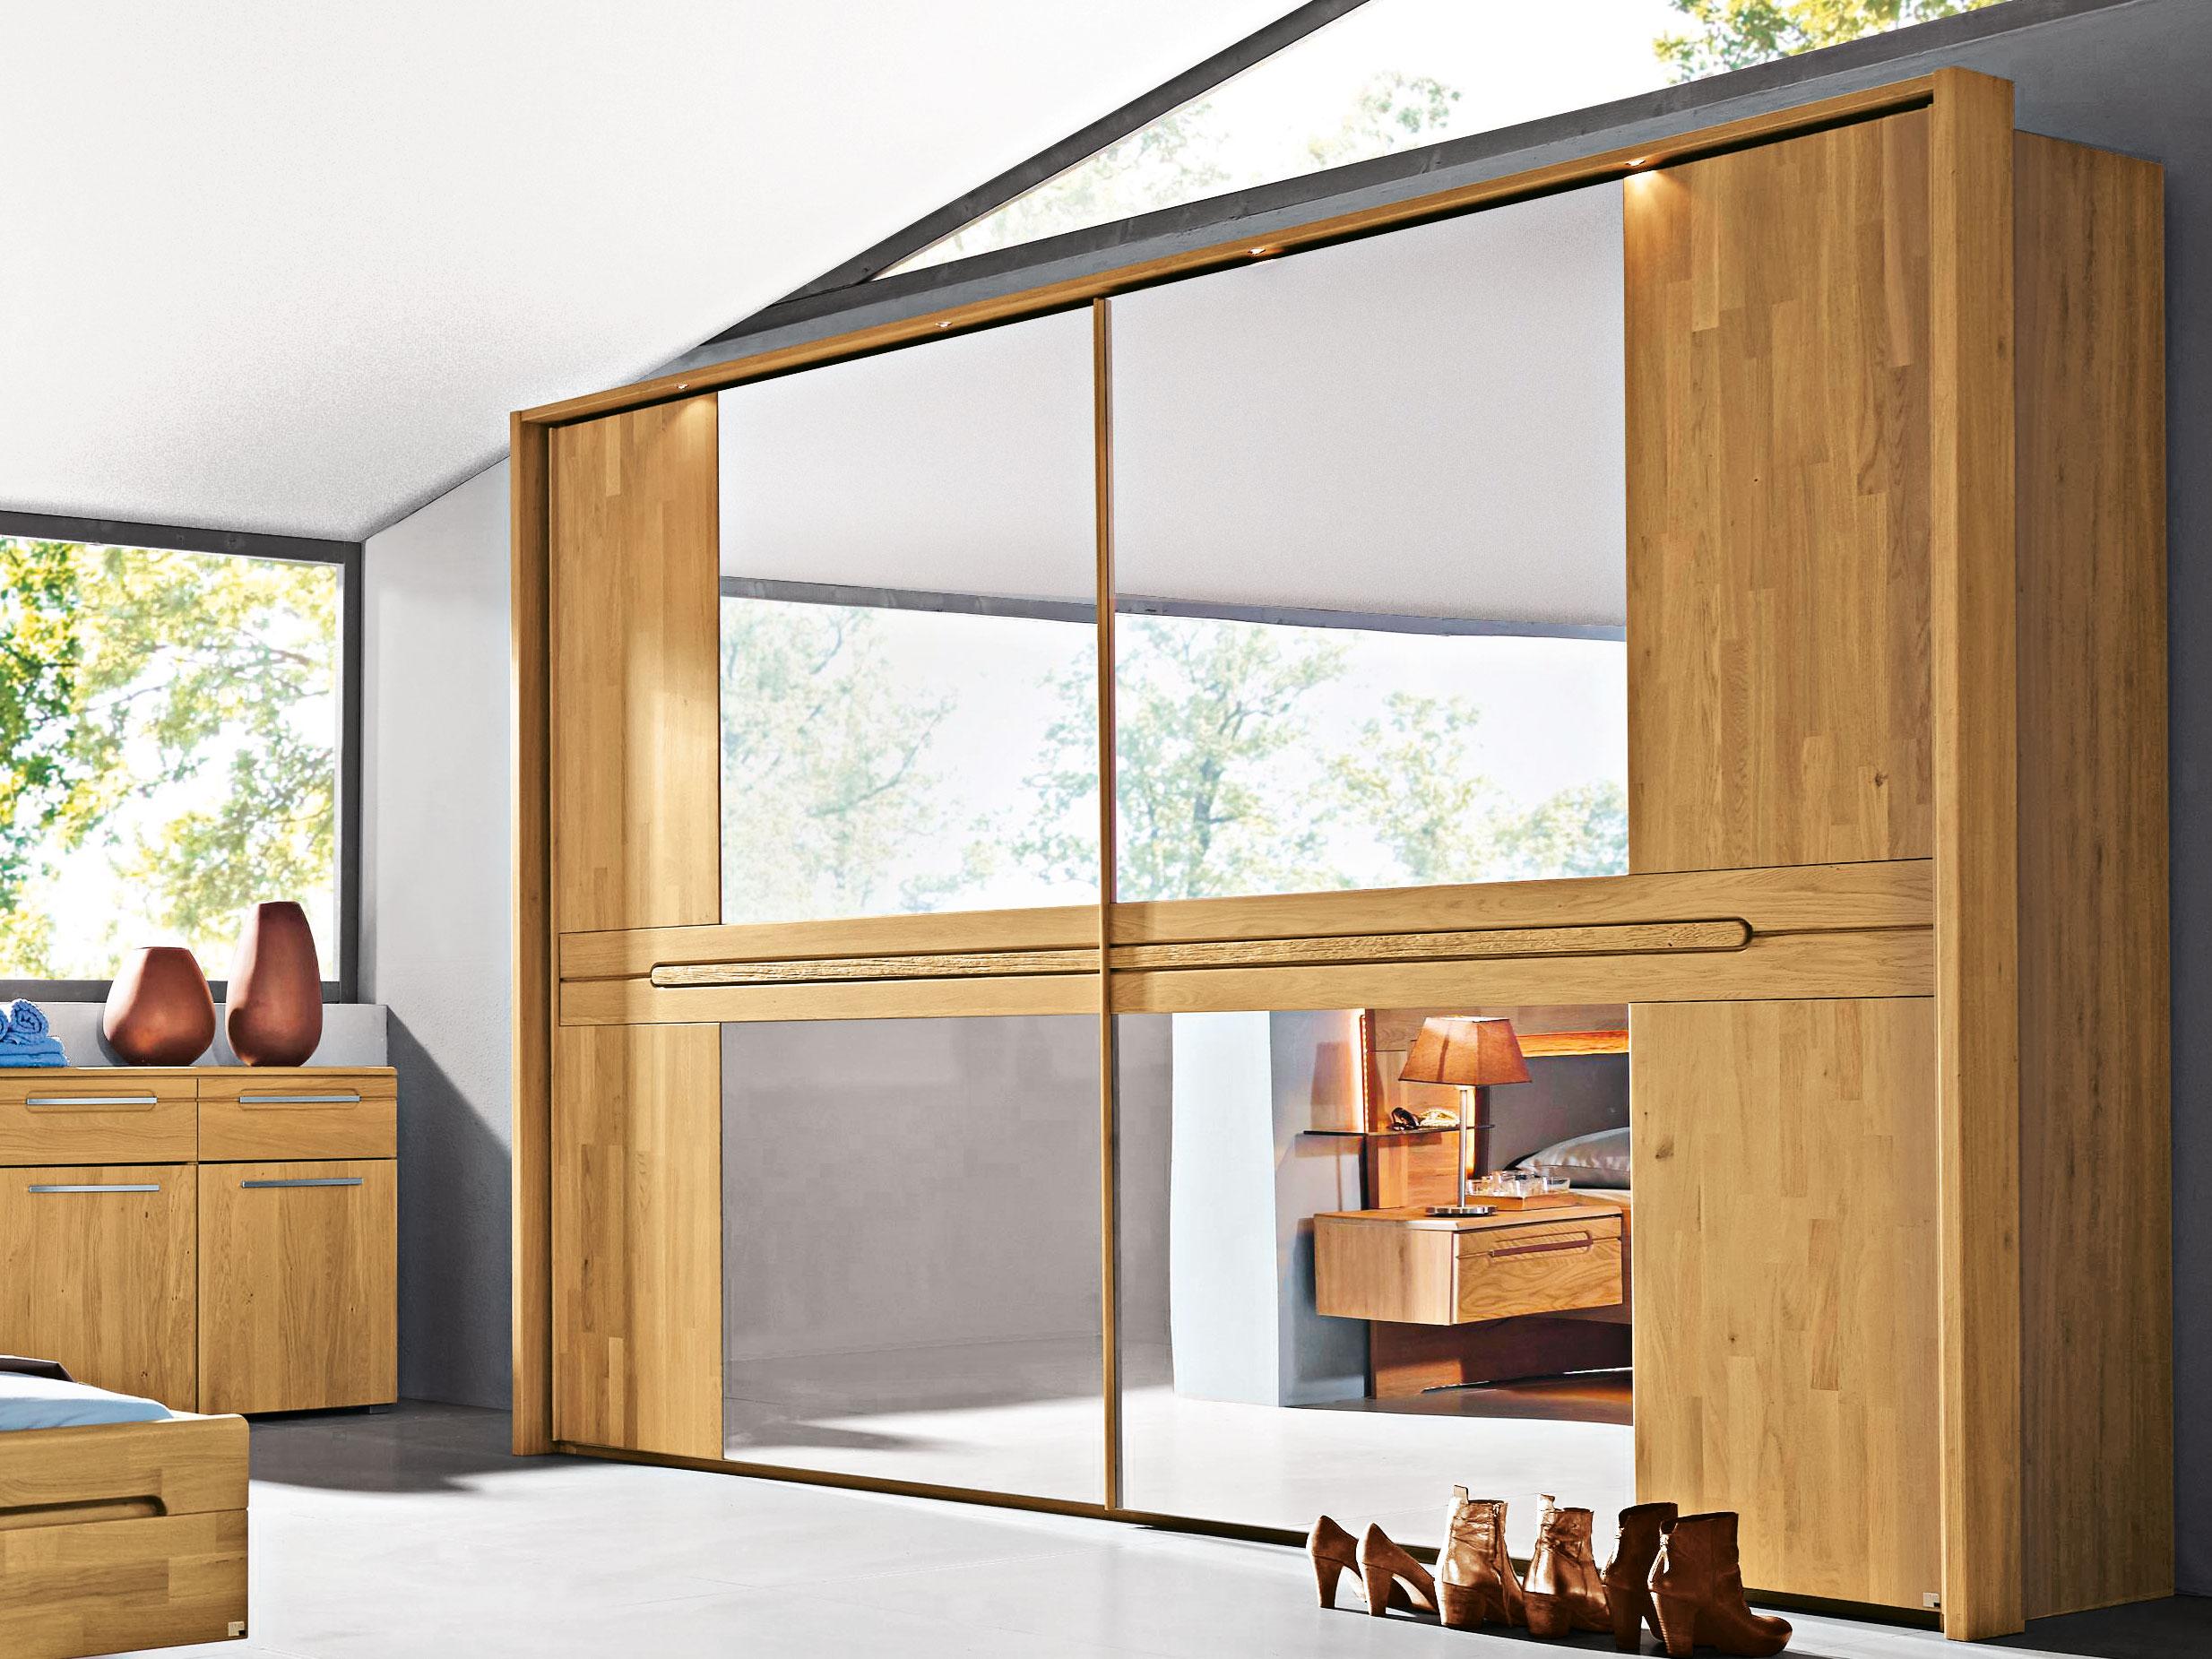 rauch steffen tovalo schwebet renschrank t ren mit spiegel oder hochglanz. Black Bedroom Furniture Sets. Home Design Ideas